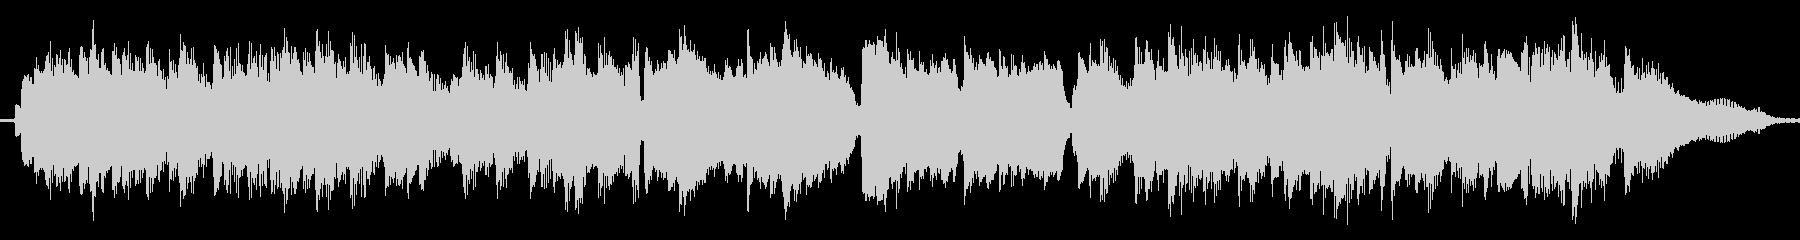 クラシックギターの定番の曲の未再生の波形